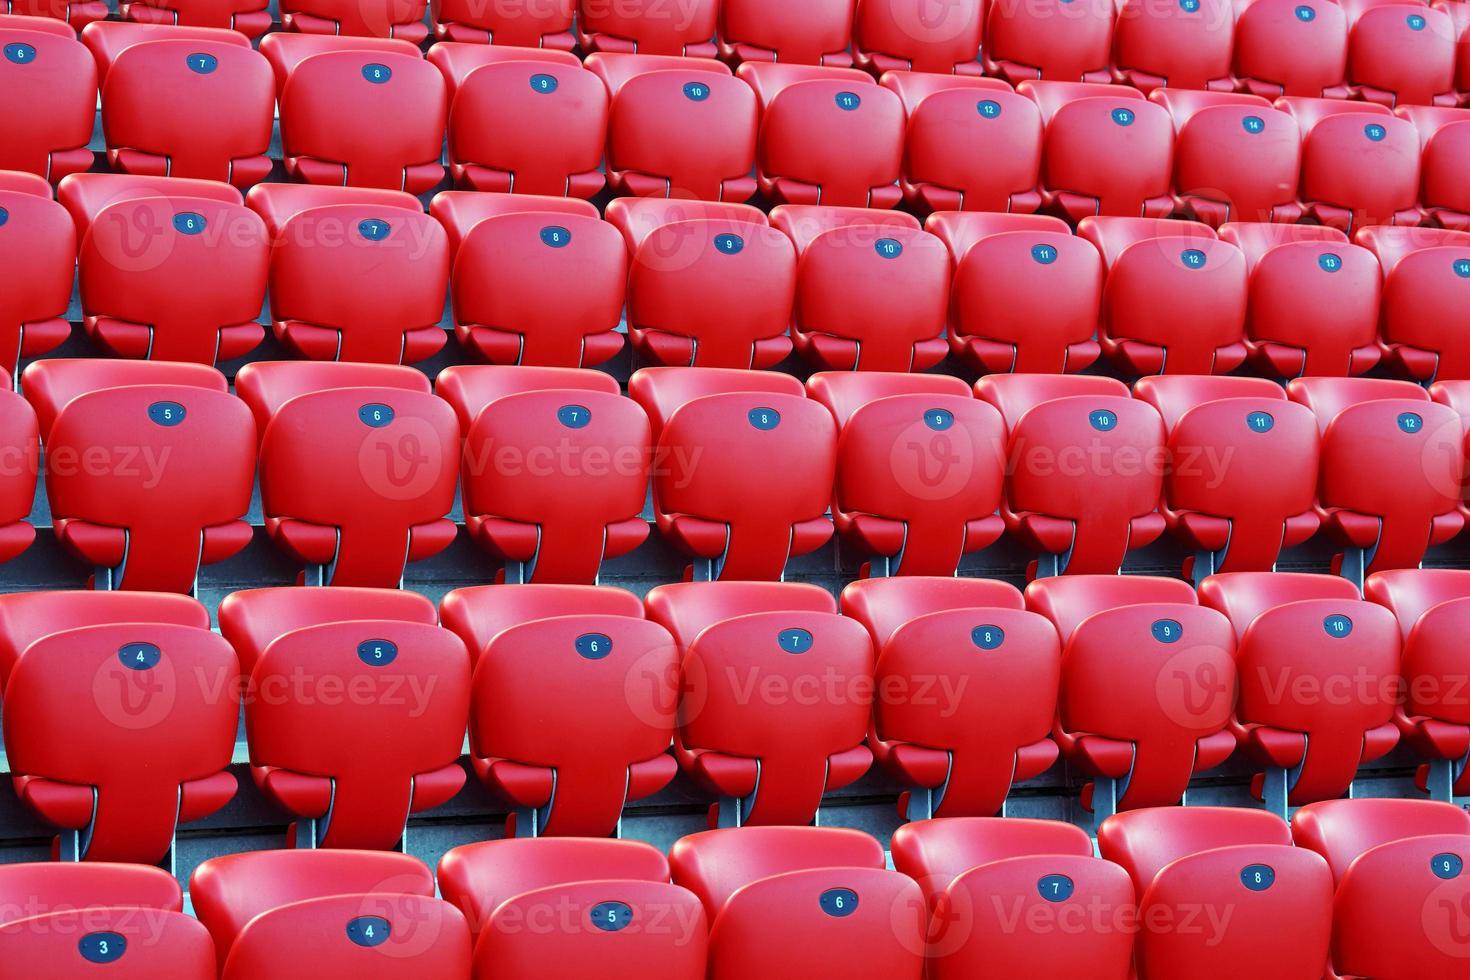 assentos do estádio vermelho foto